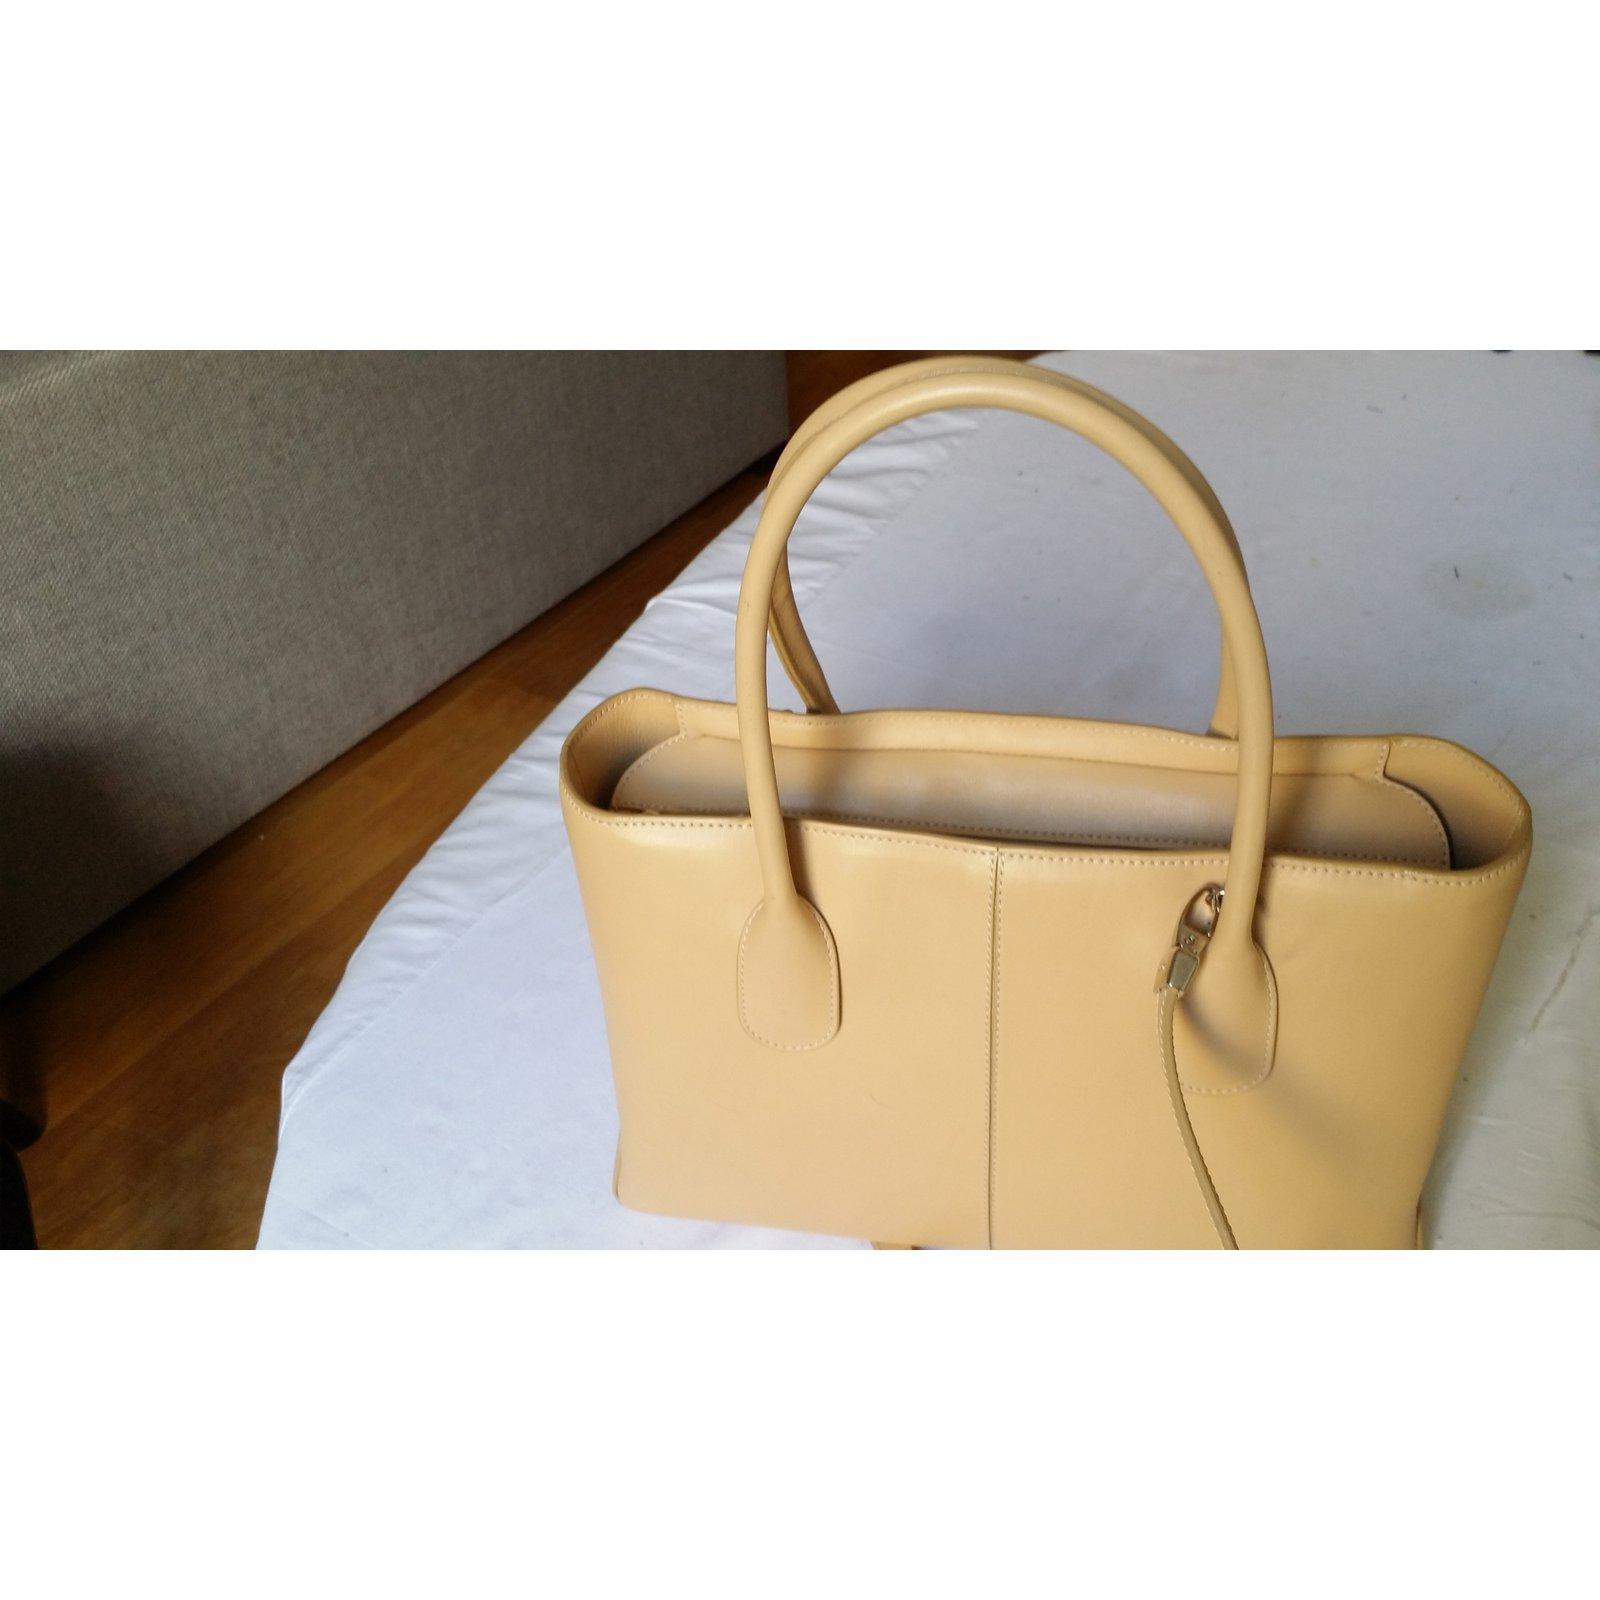 b0b3023f13f1b Tod's D-Bag Handbags Patent leather Beige ref.72081 - Joli Closet